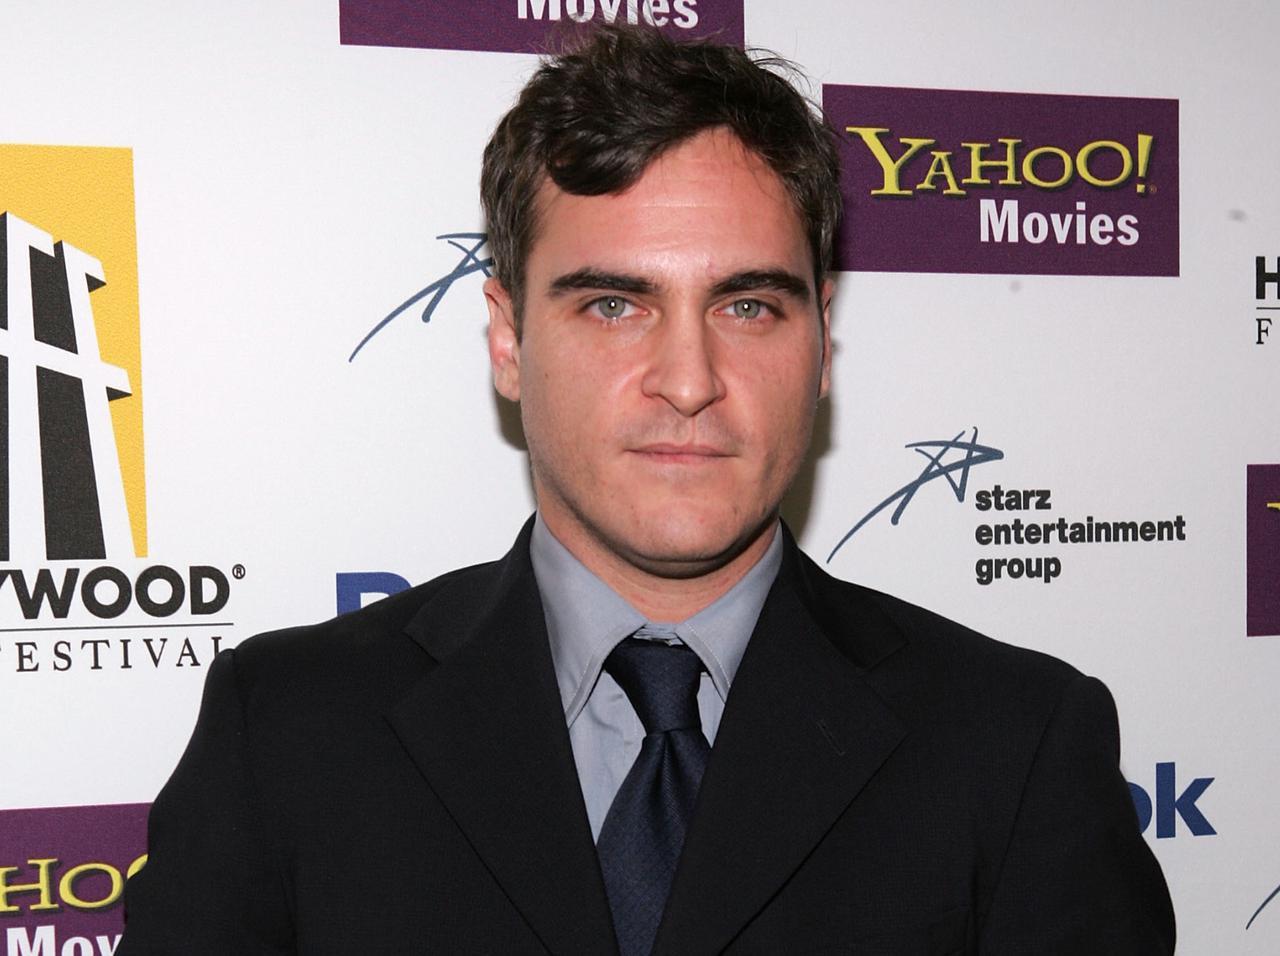 画像: 2005年10月24日に、第9回ハリウッド映画賞に出席した際のホアキン・フェニックス(当時30歳)。